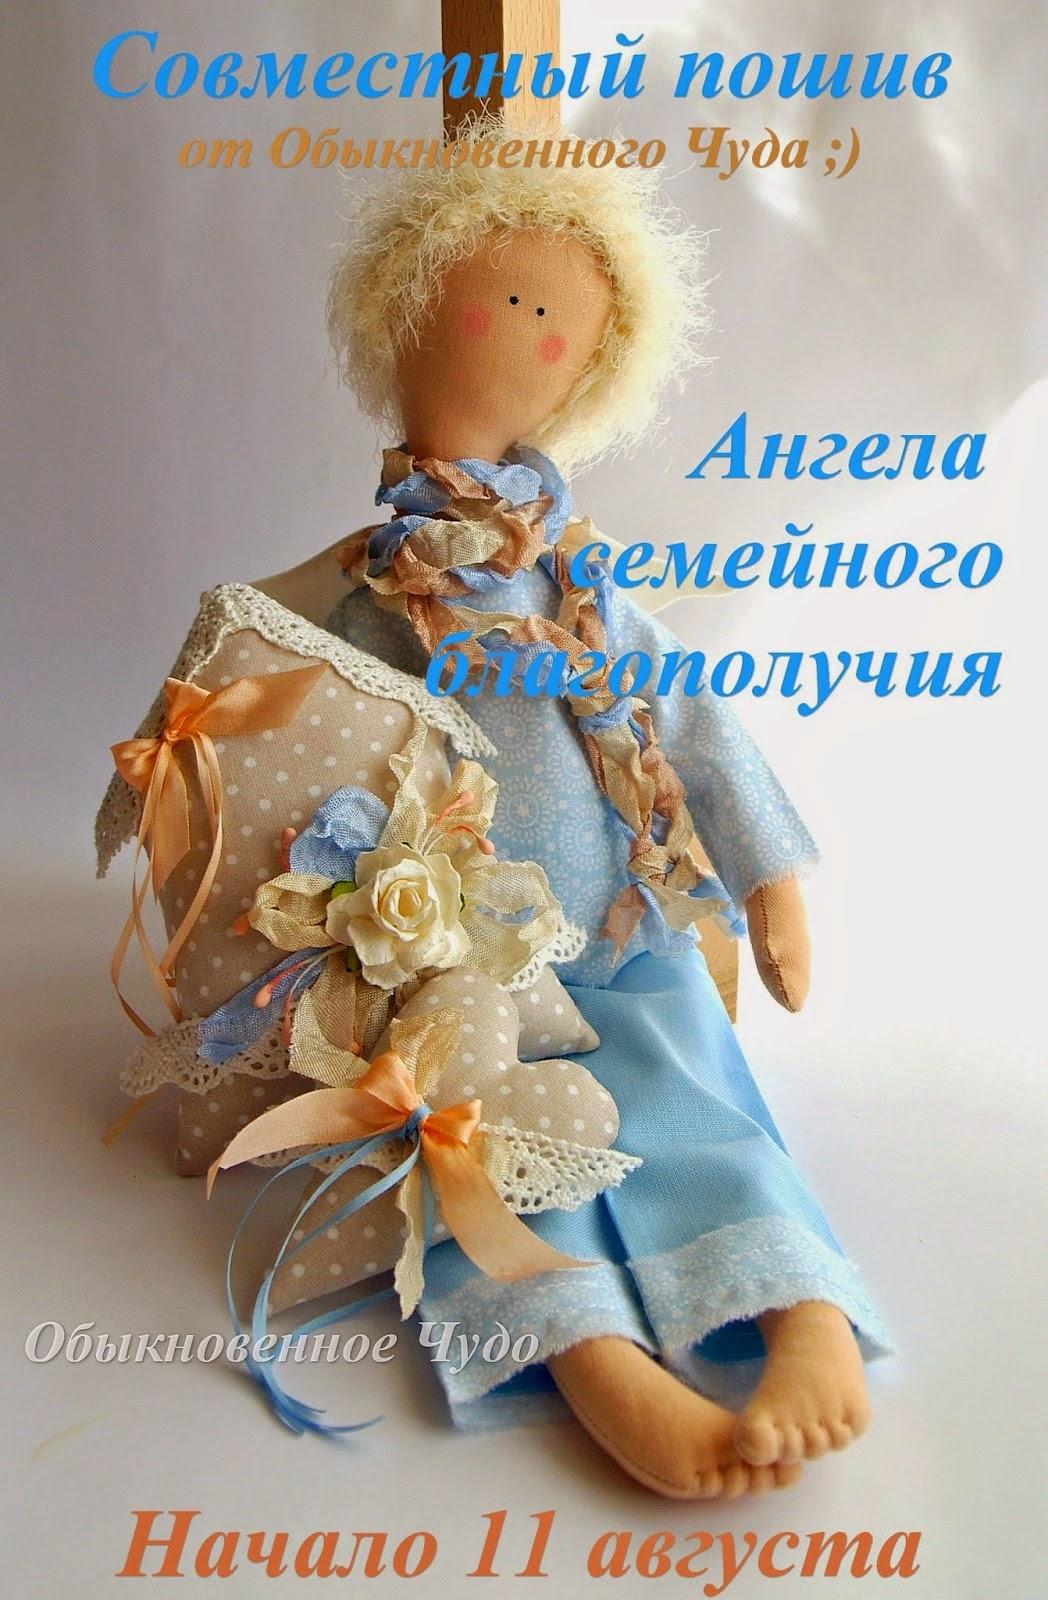 СП Ангела Благополучия